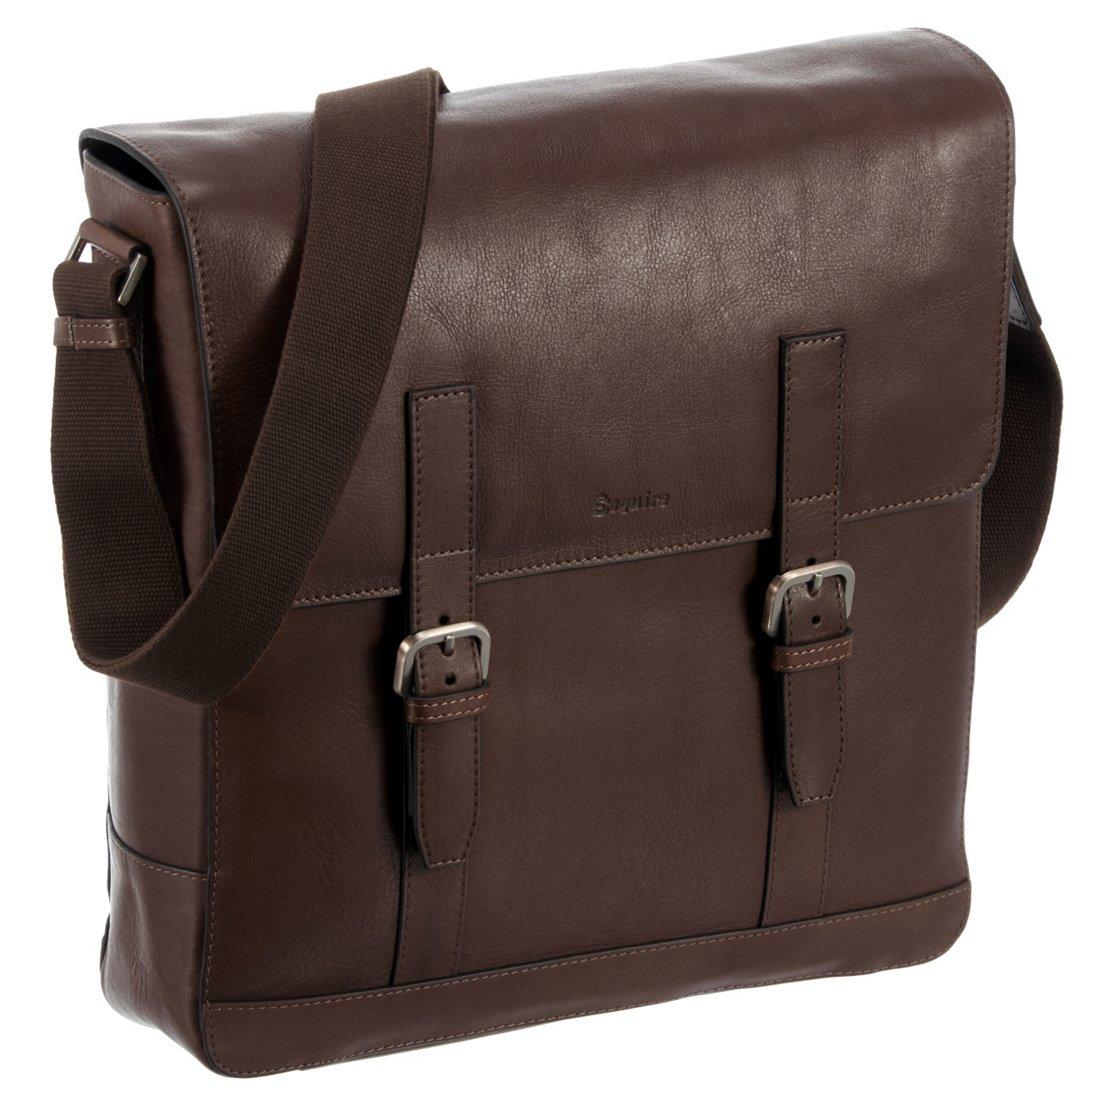 2020 außergewöhnliche Auswahl an Stilen begehrte Auswahl an Esquire Vienna Bags Umhängetasche mit Laptopfach 30 cm - mocca